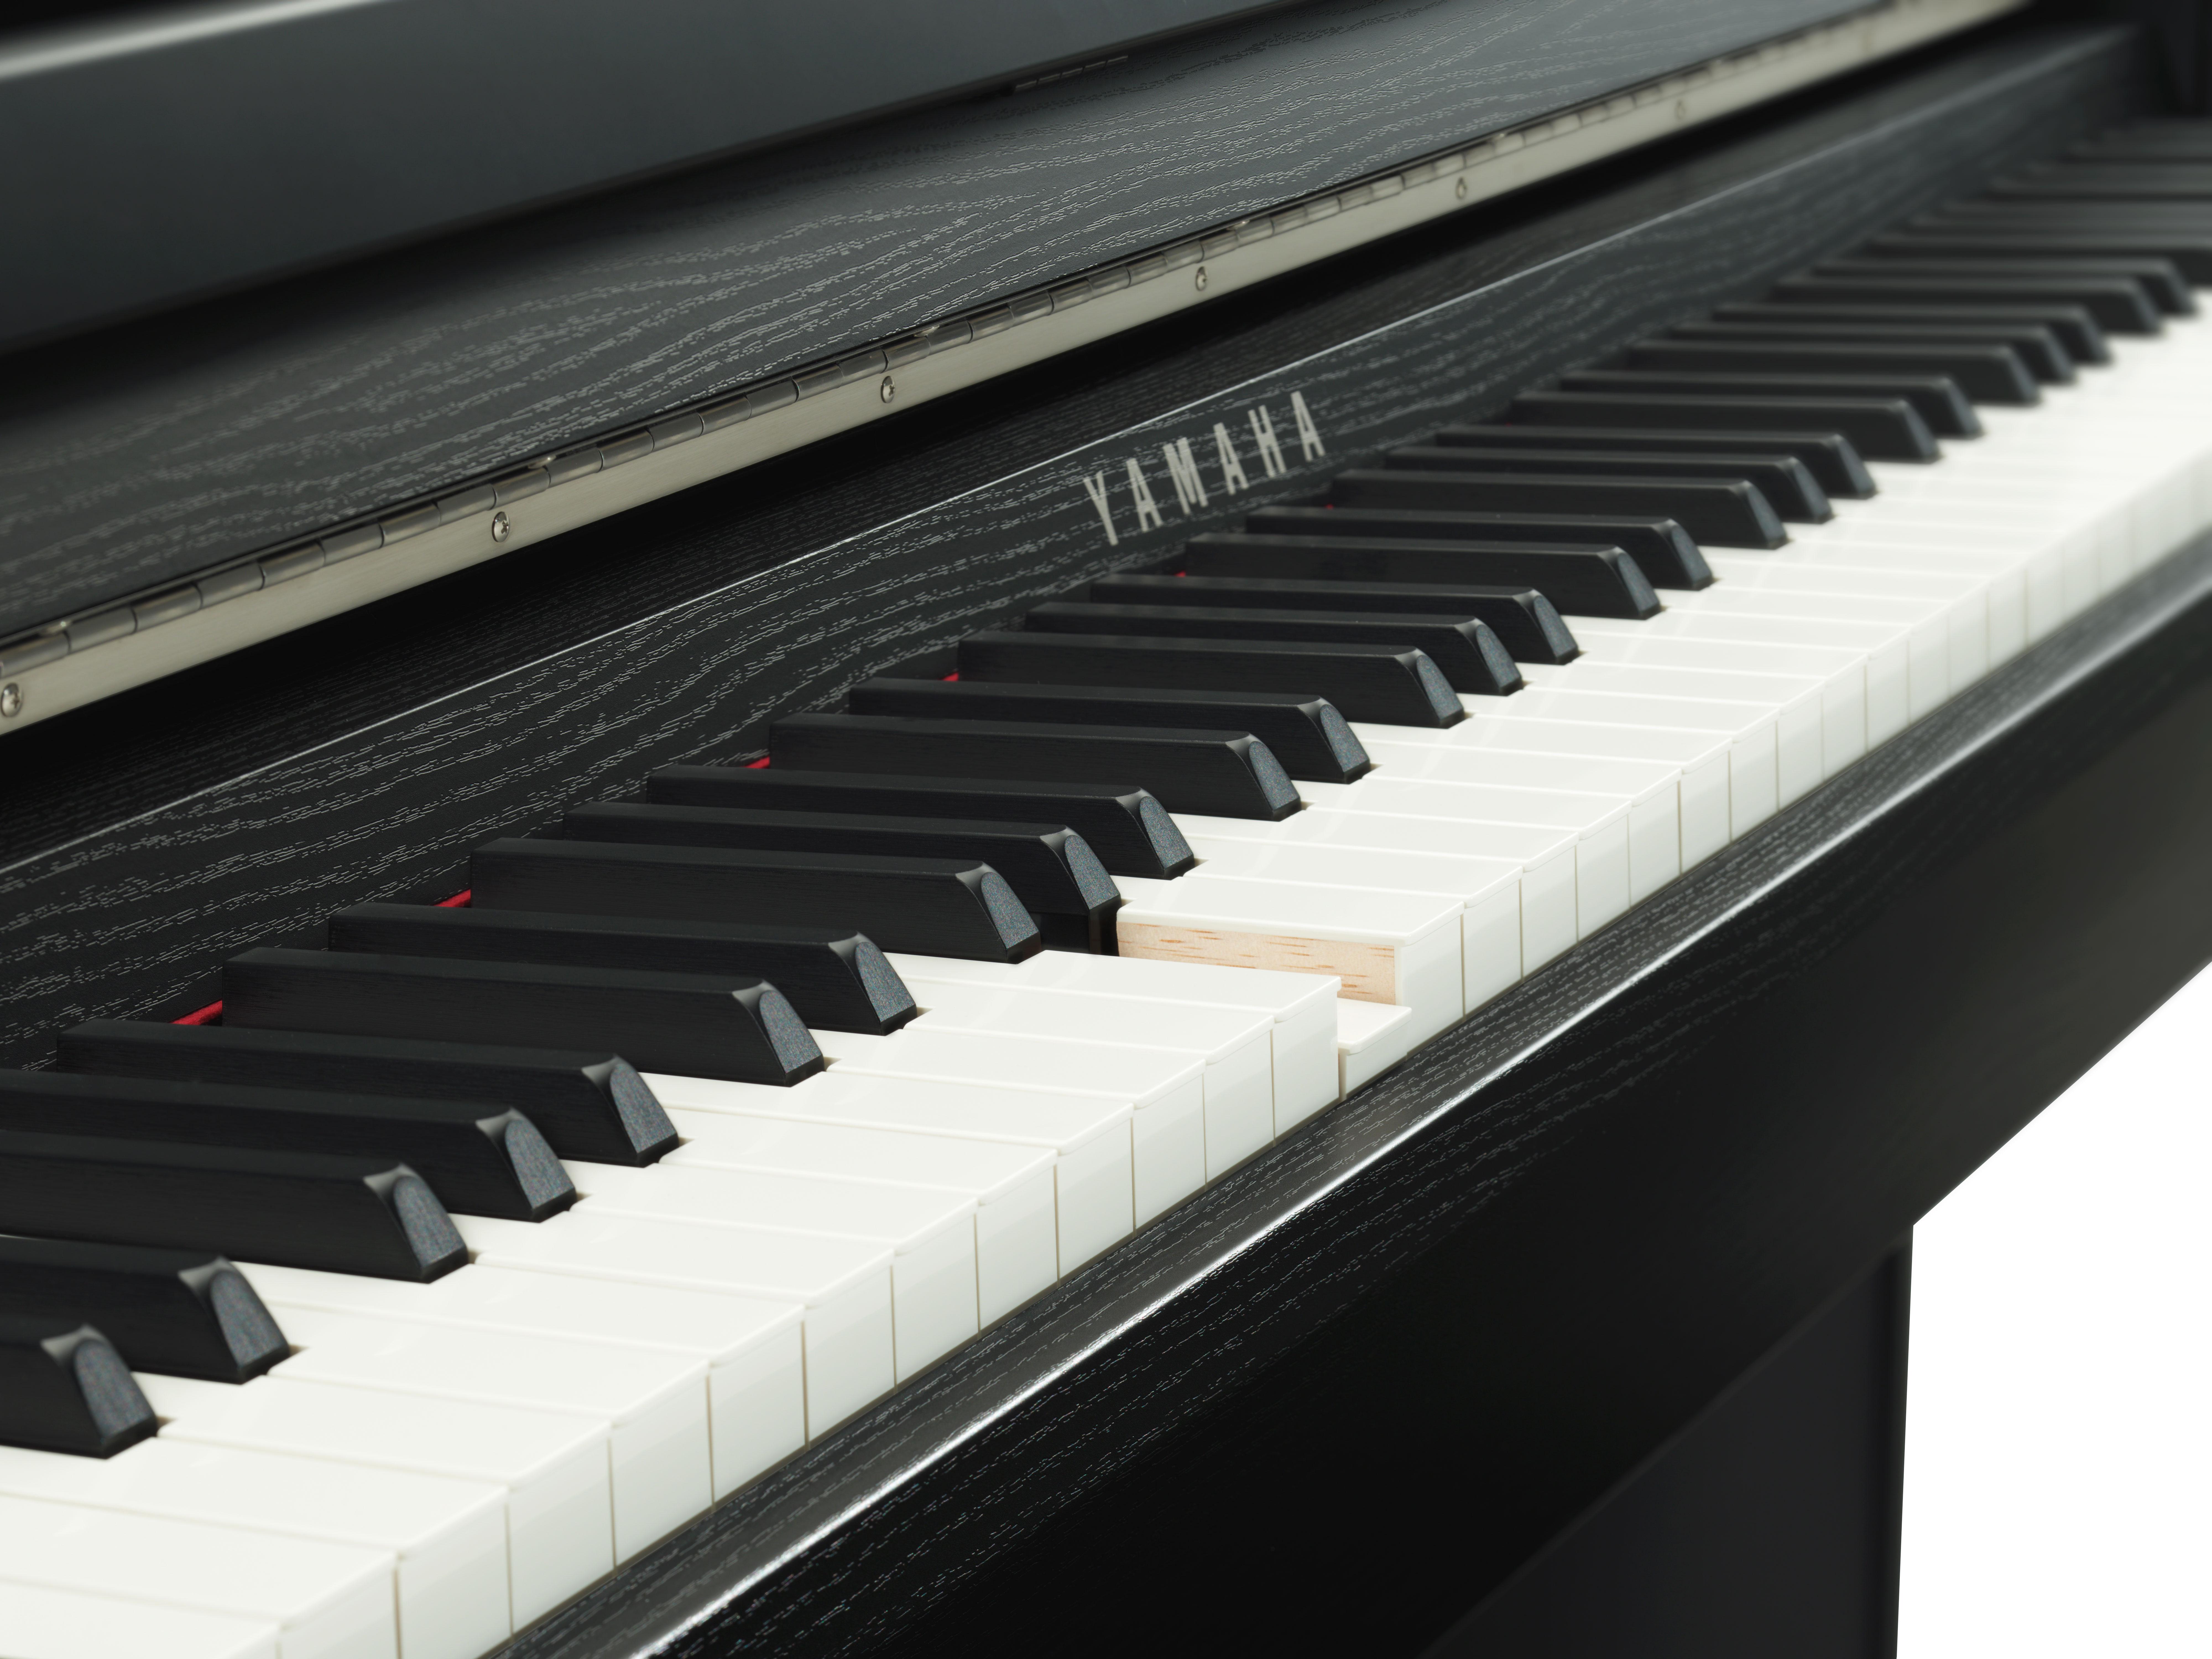 yamaha clavinova clp 685 digital piano